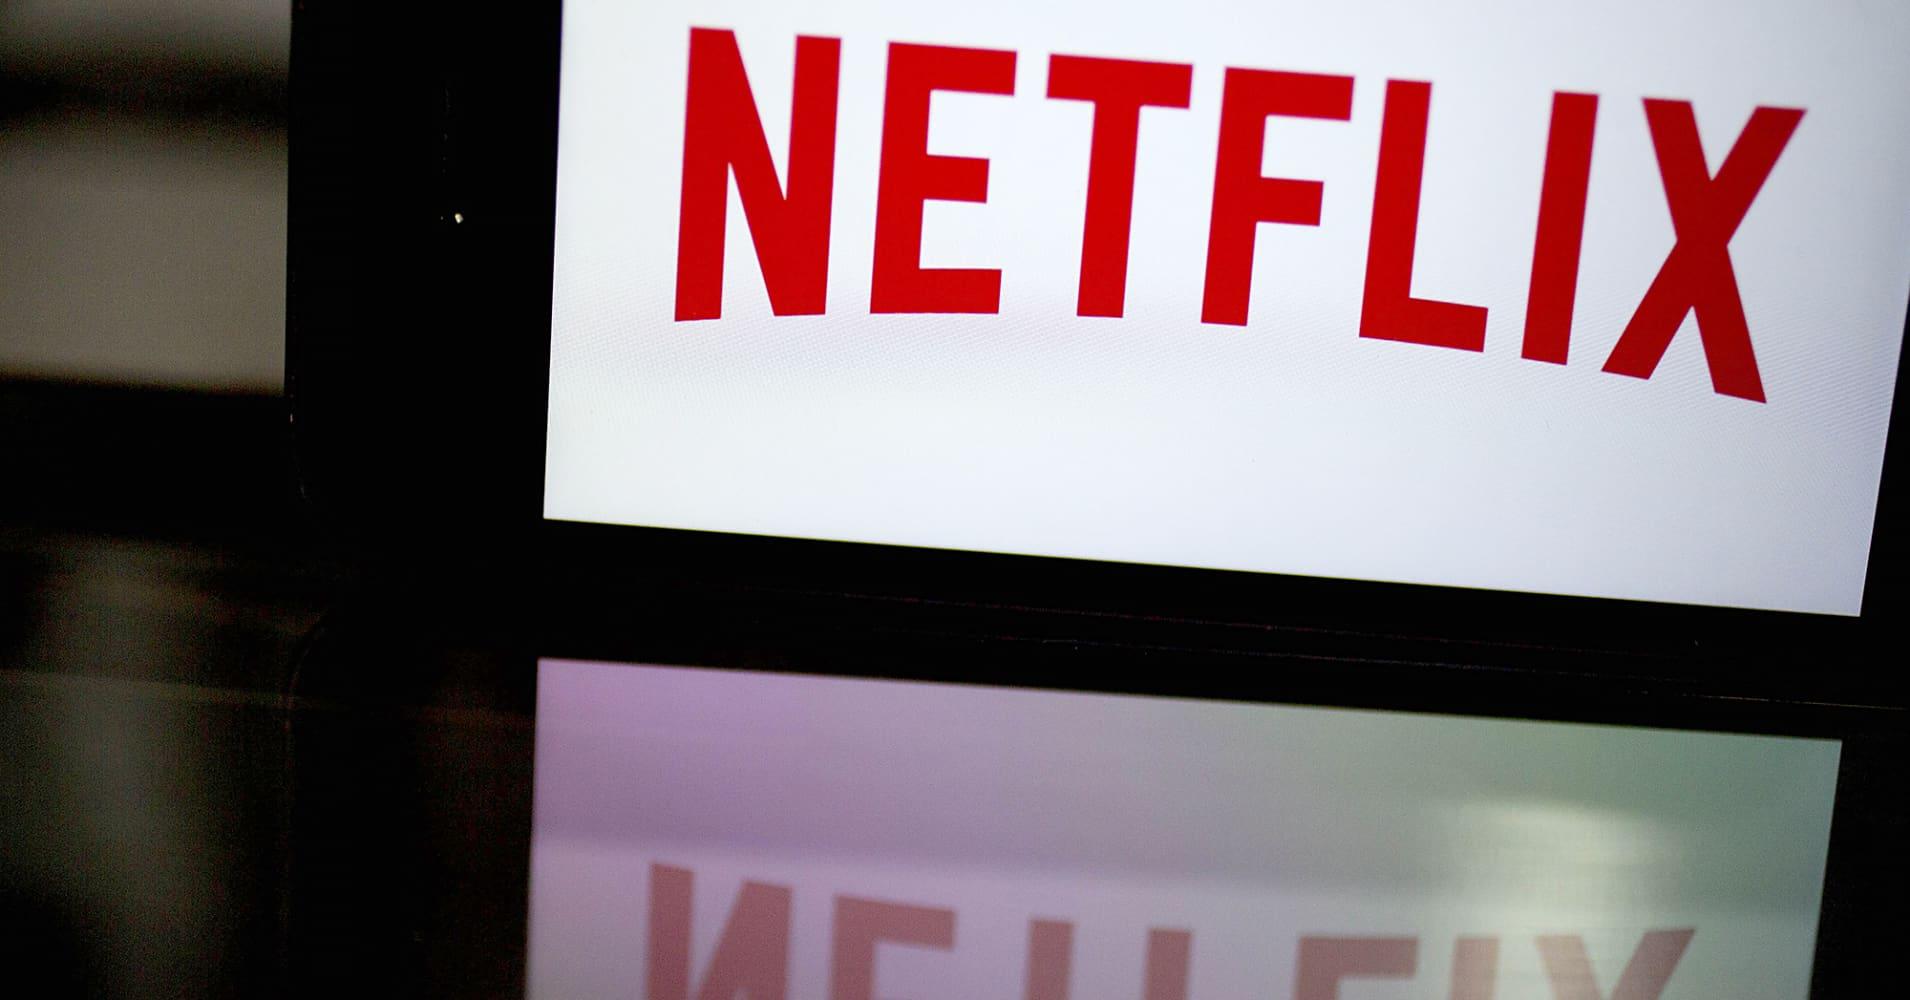 Netflix stock market symbol / Netflix customerservice